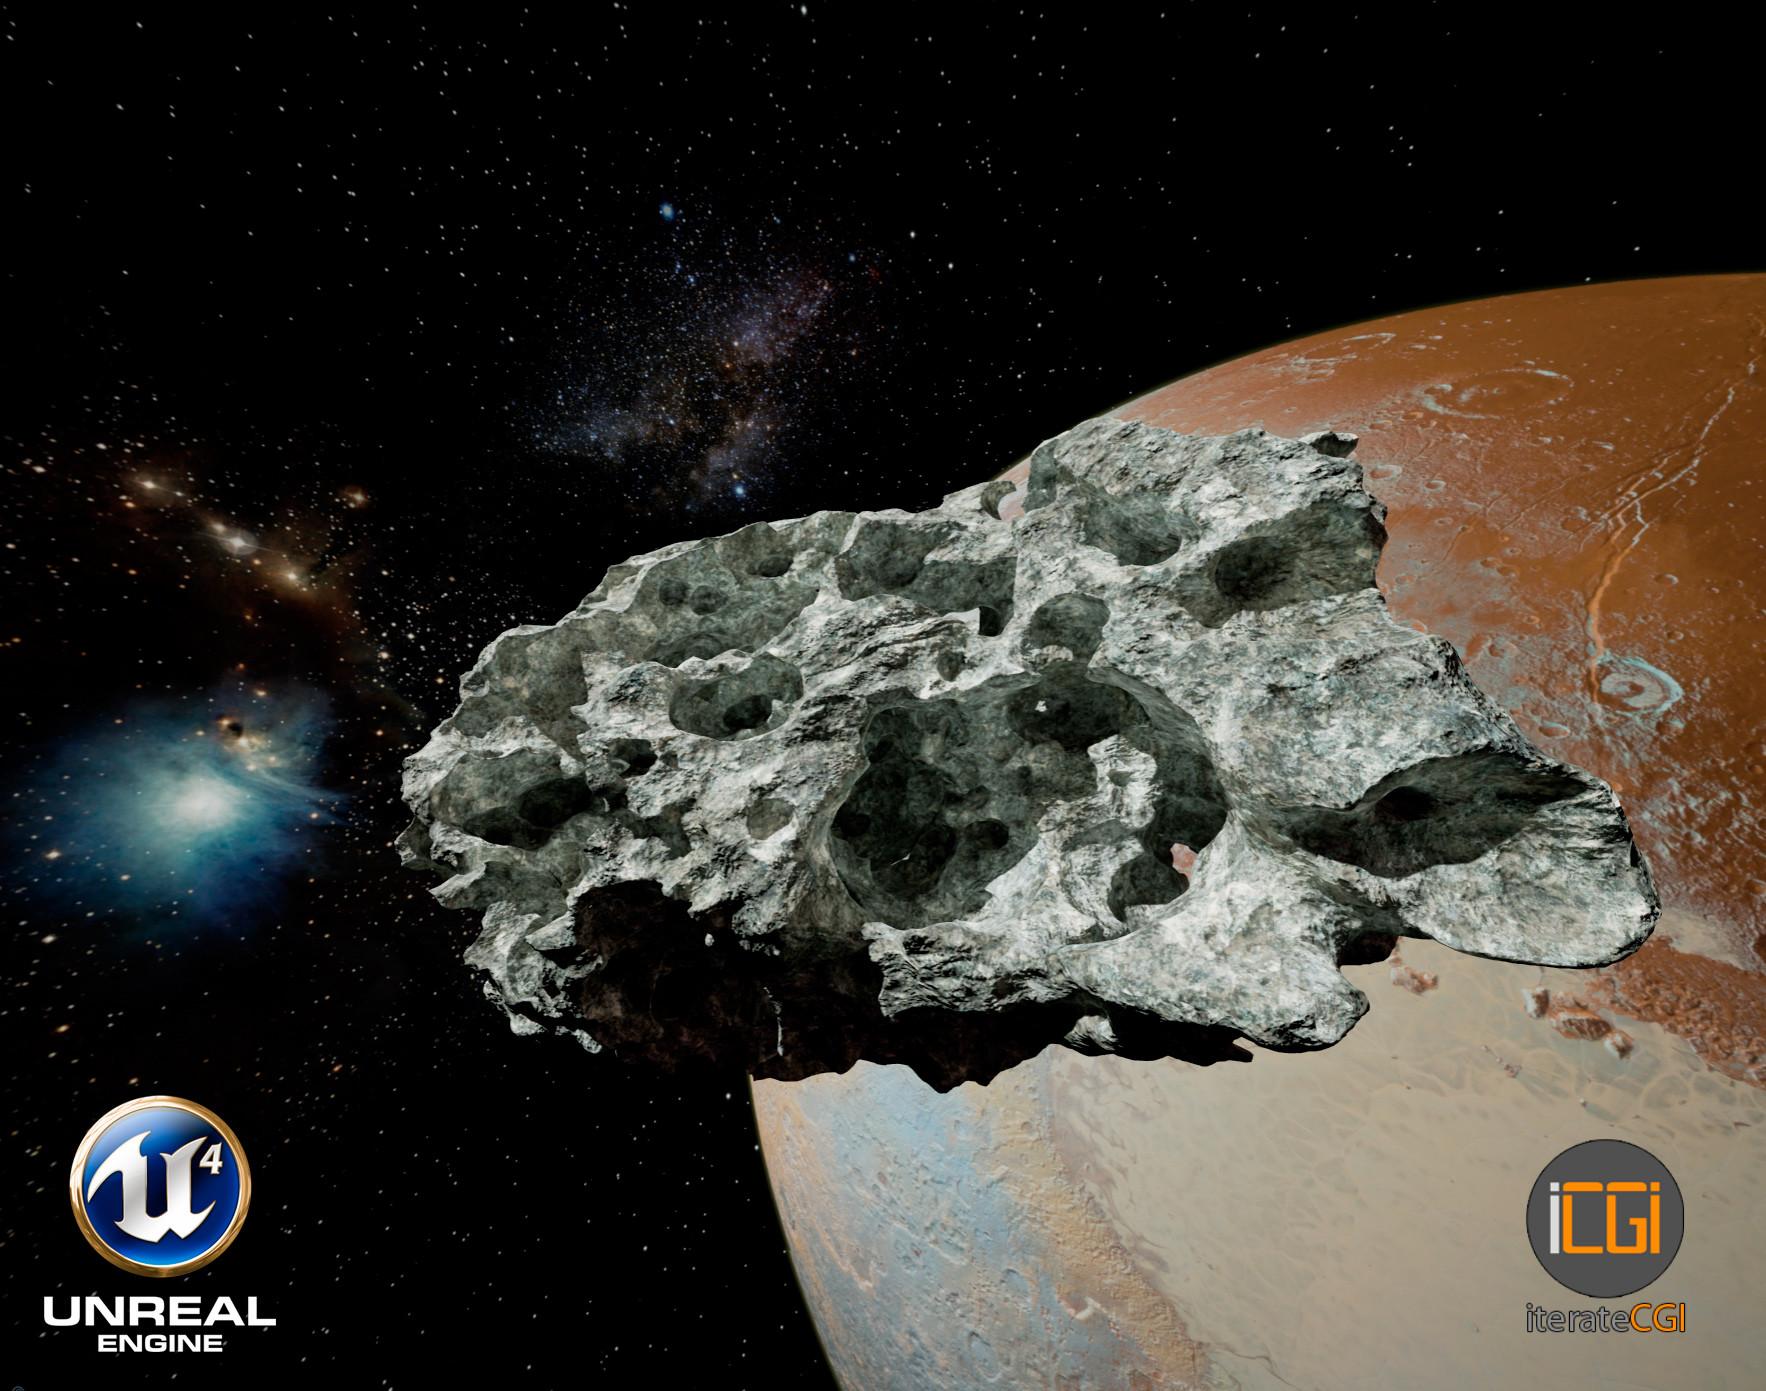 Johan de leenheer 3d asteroid game model 1